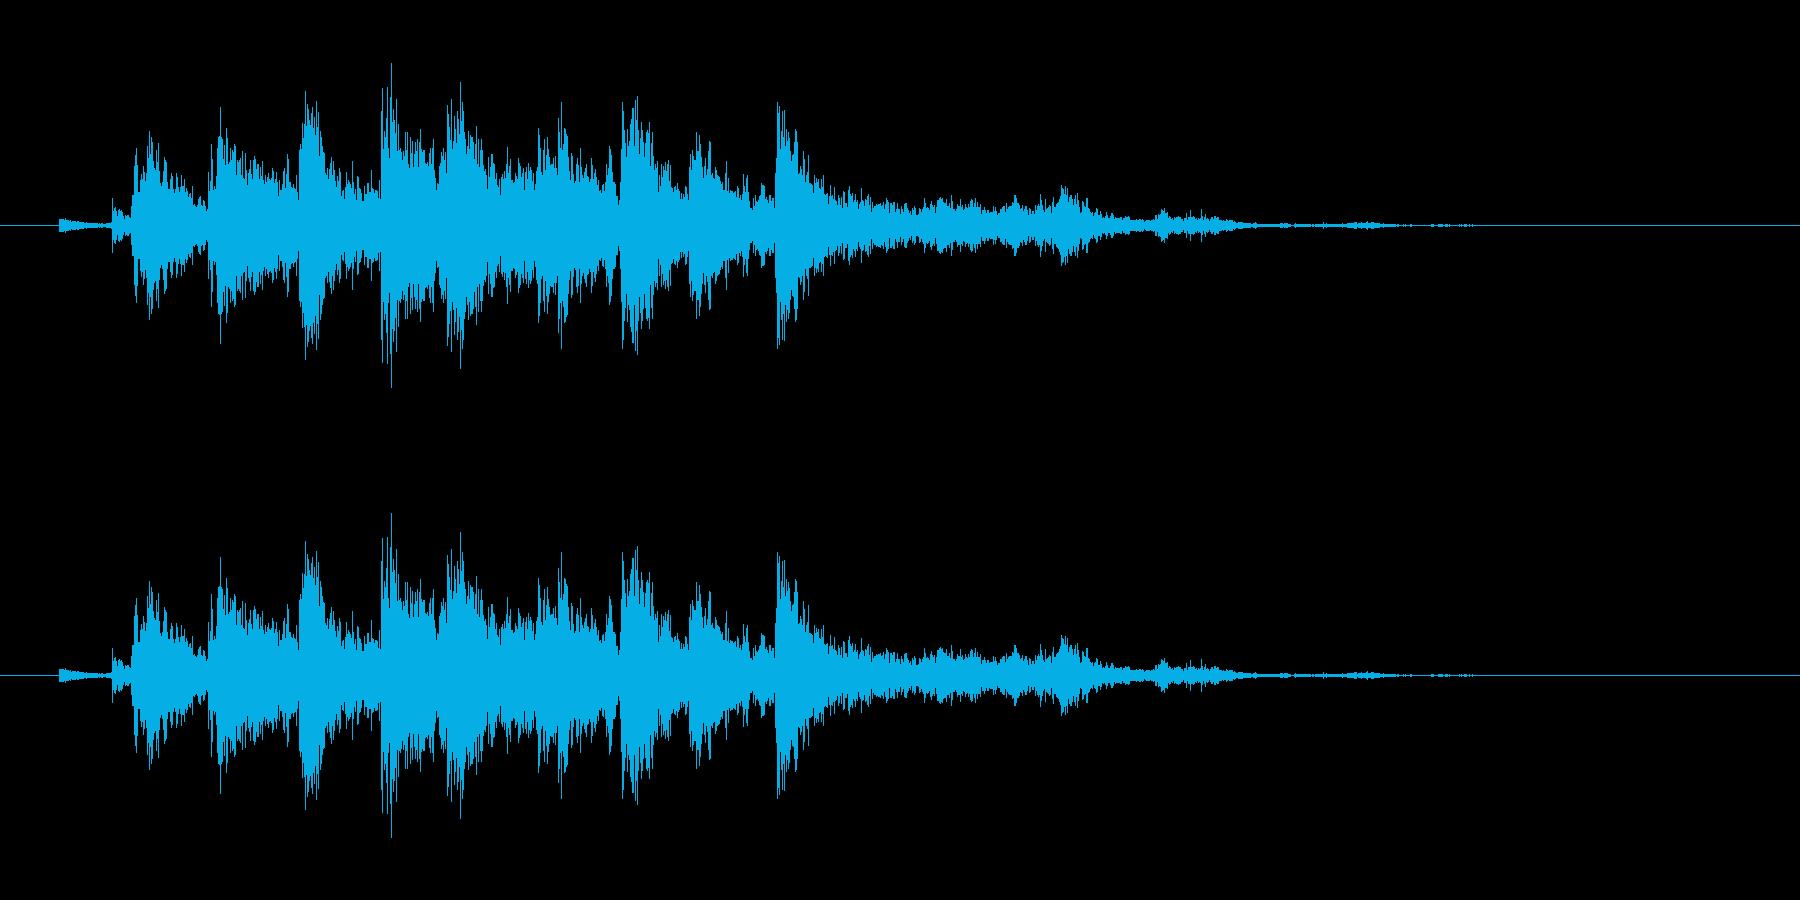 音侍「シャシャシャン」ツリーベルの振り音の再生済みの波形